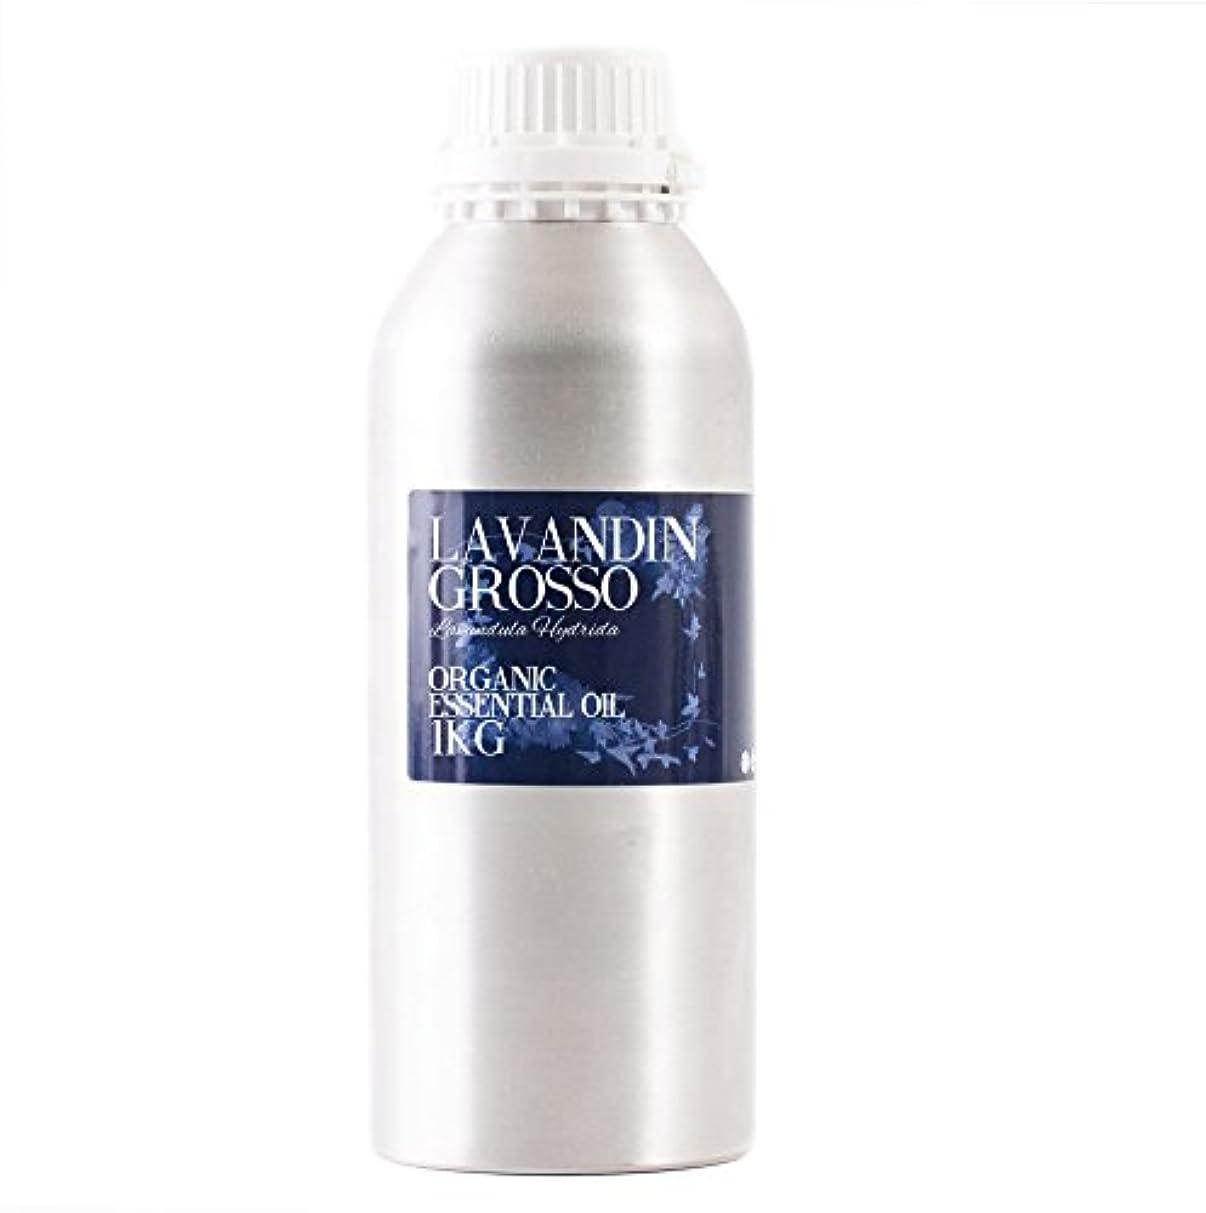 鳥名誉逆説Mystic Moments | Lavandin Grosso Organic Essential Oil - 1Kg - 100% Pure